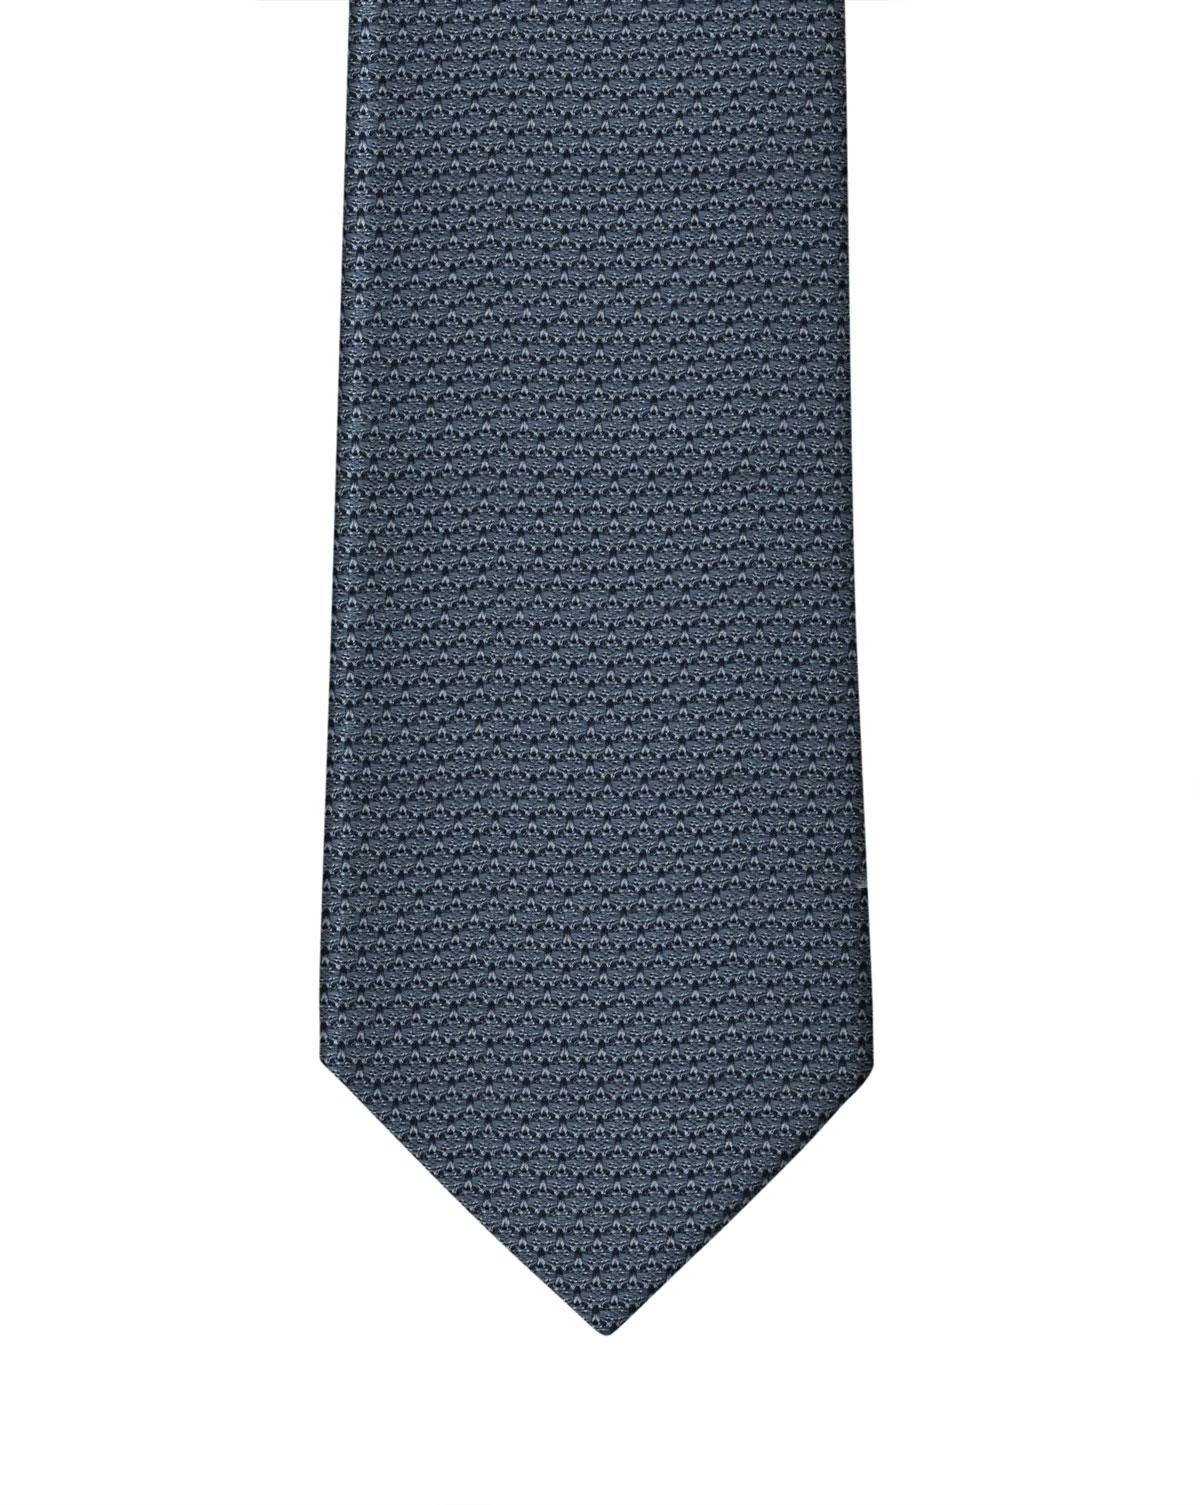 Cadet Blue Grenadine Necktie